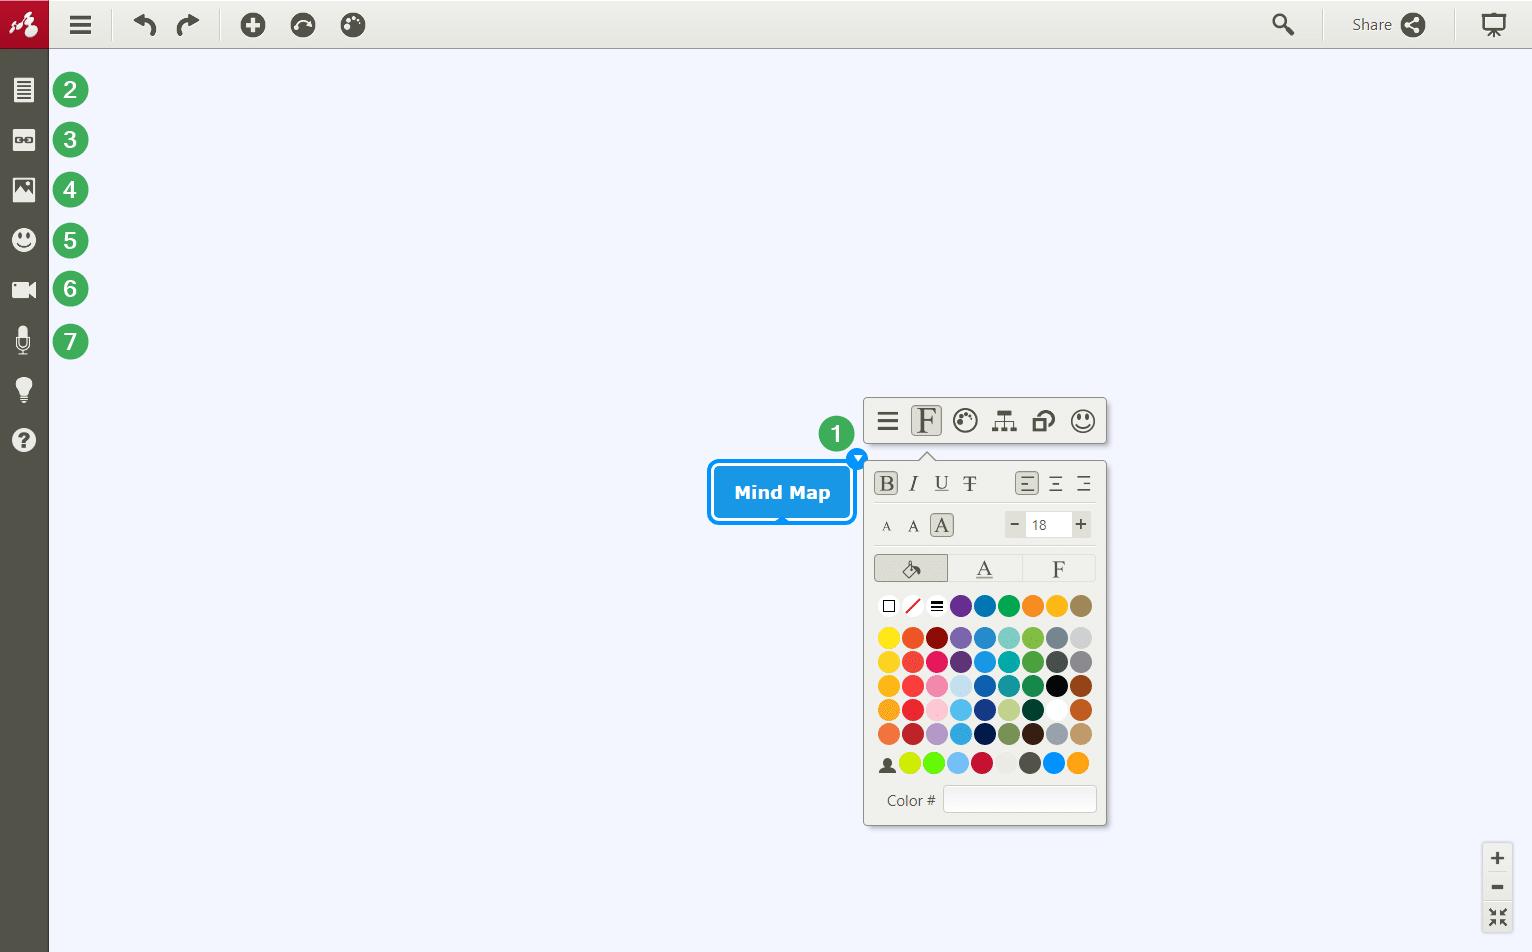 customize mind map app